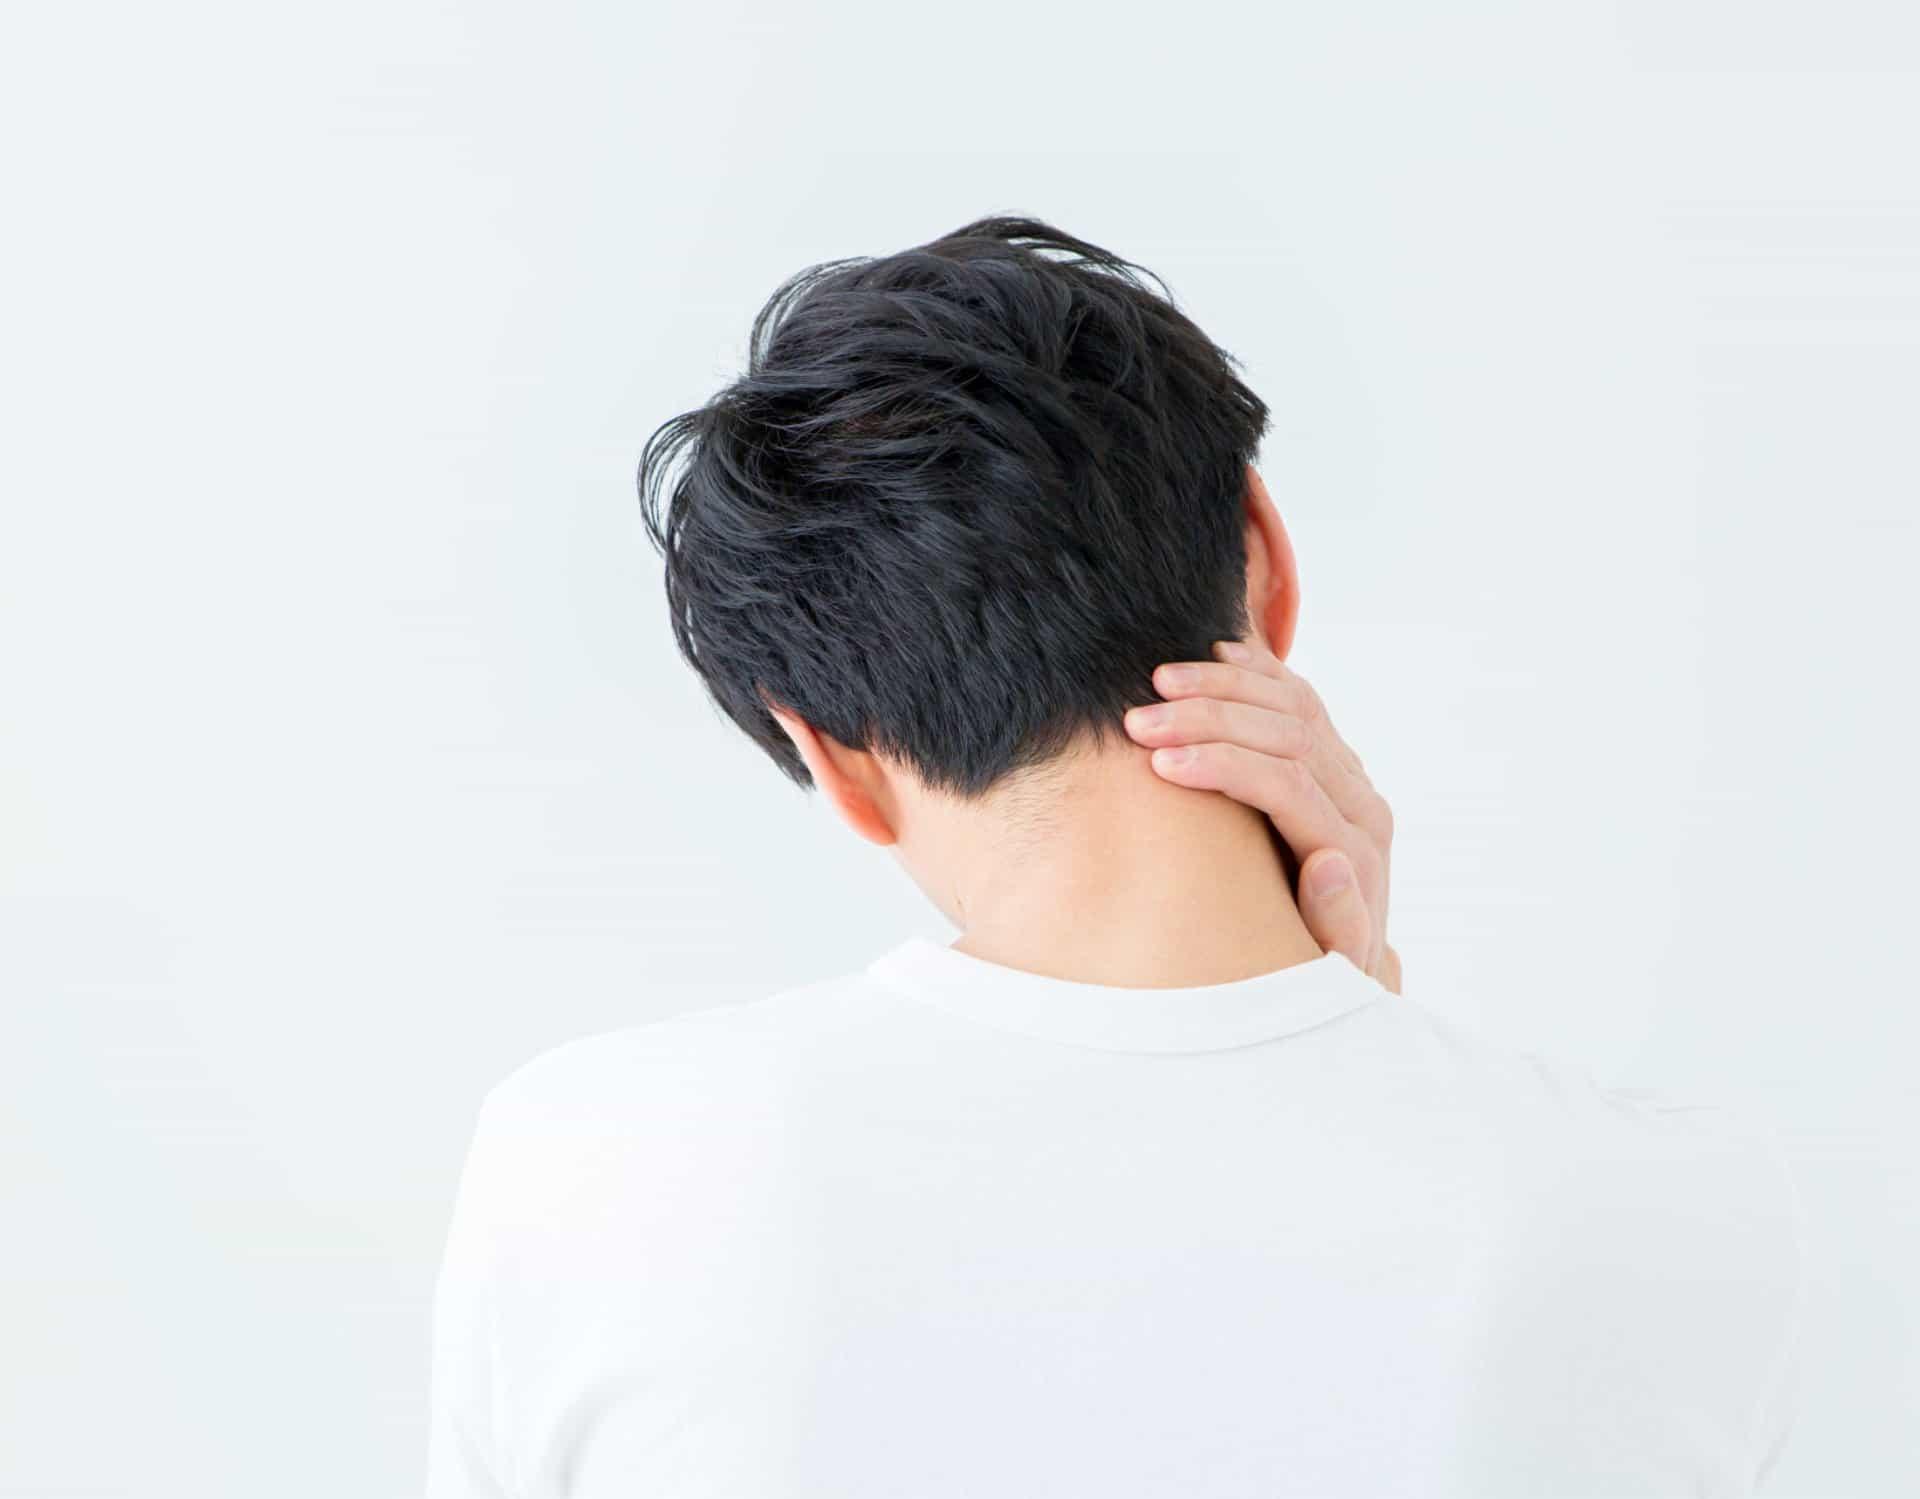 インフルエンザ予防接種後の肩がすごい痛む